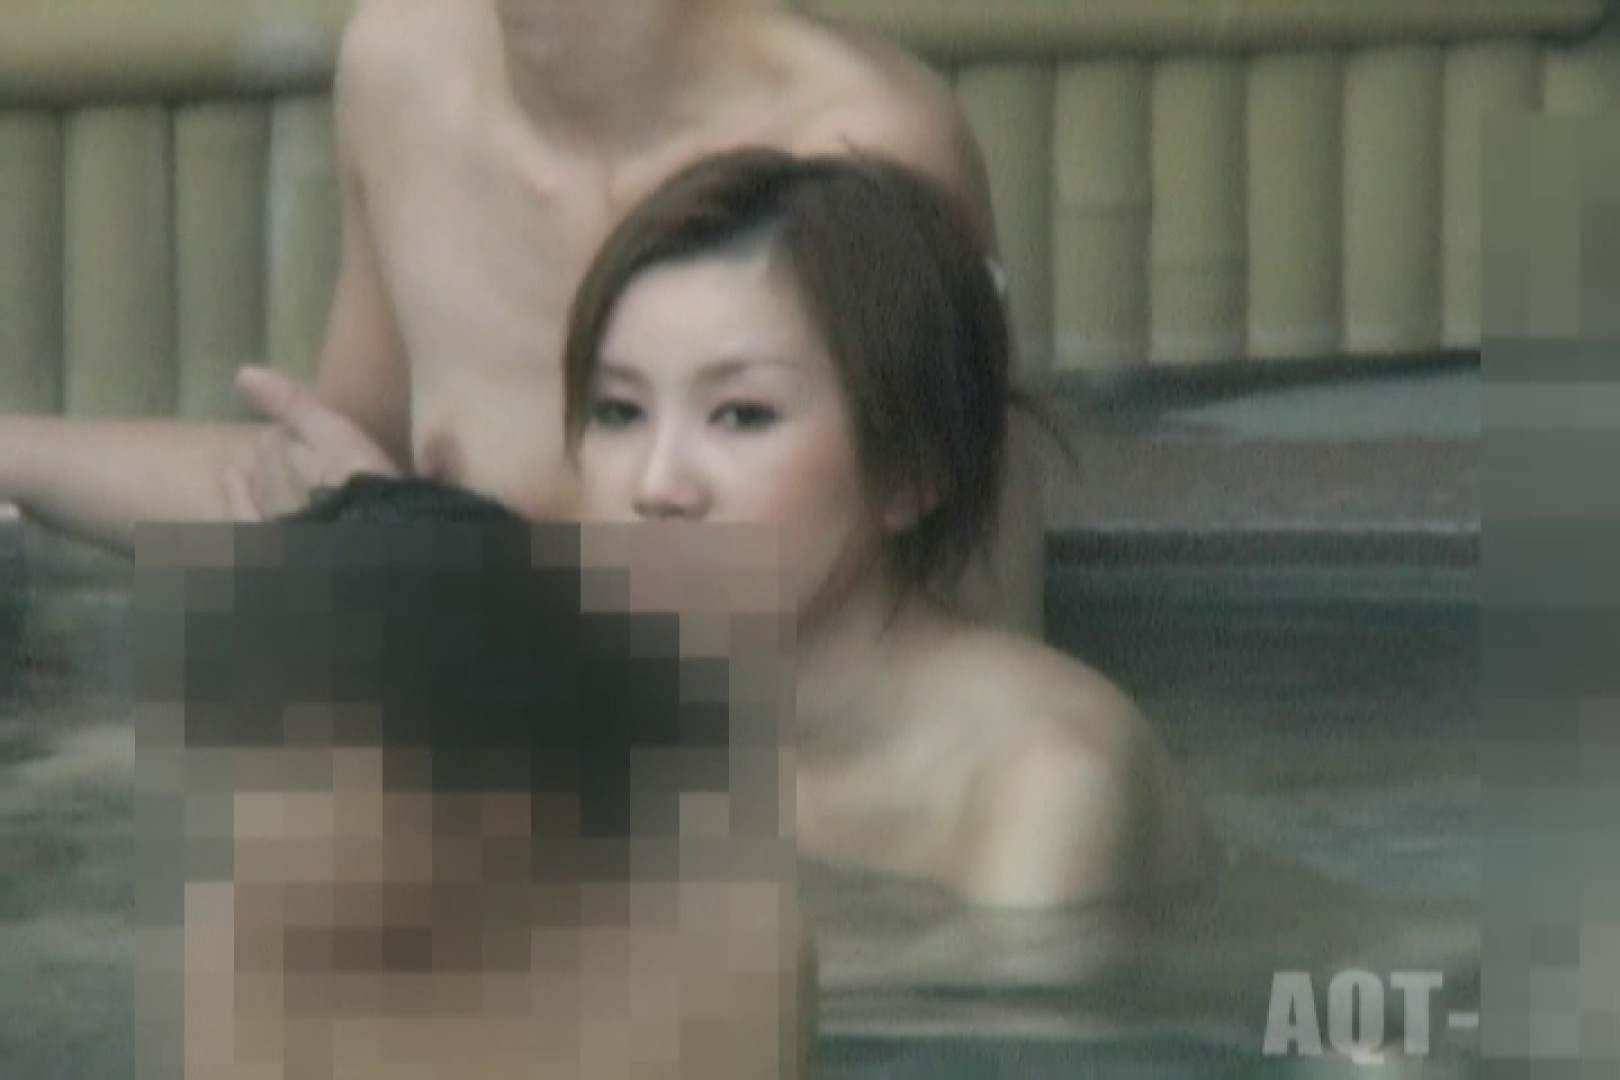 Aquaな露天風呂Vol.857 盗撮 | 露天  87pic 29